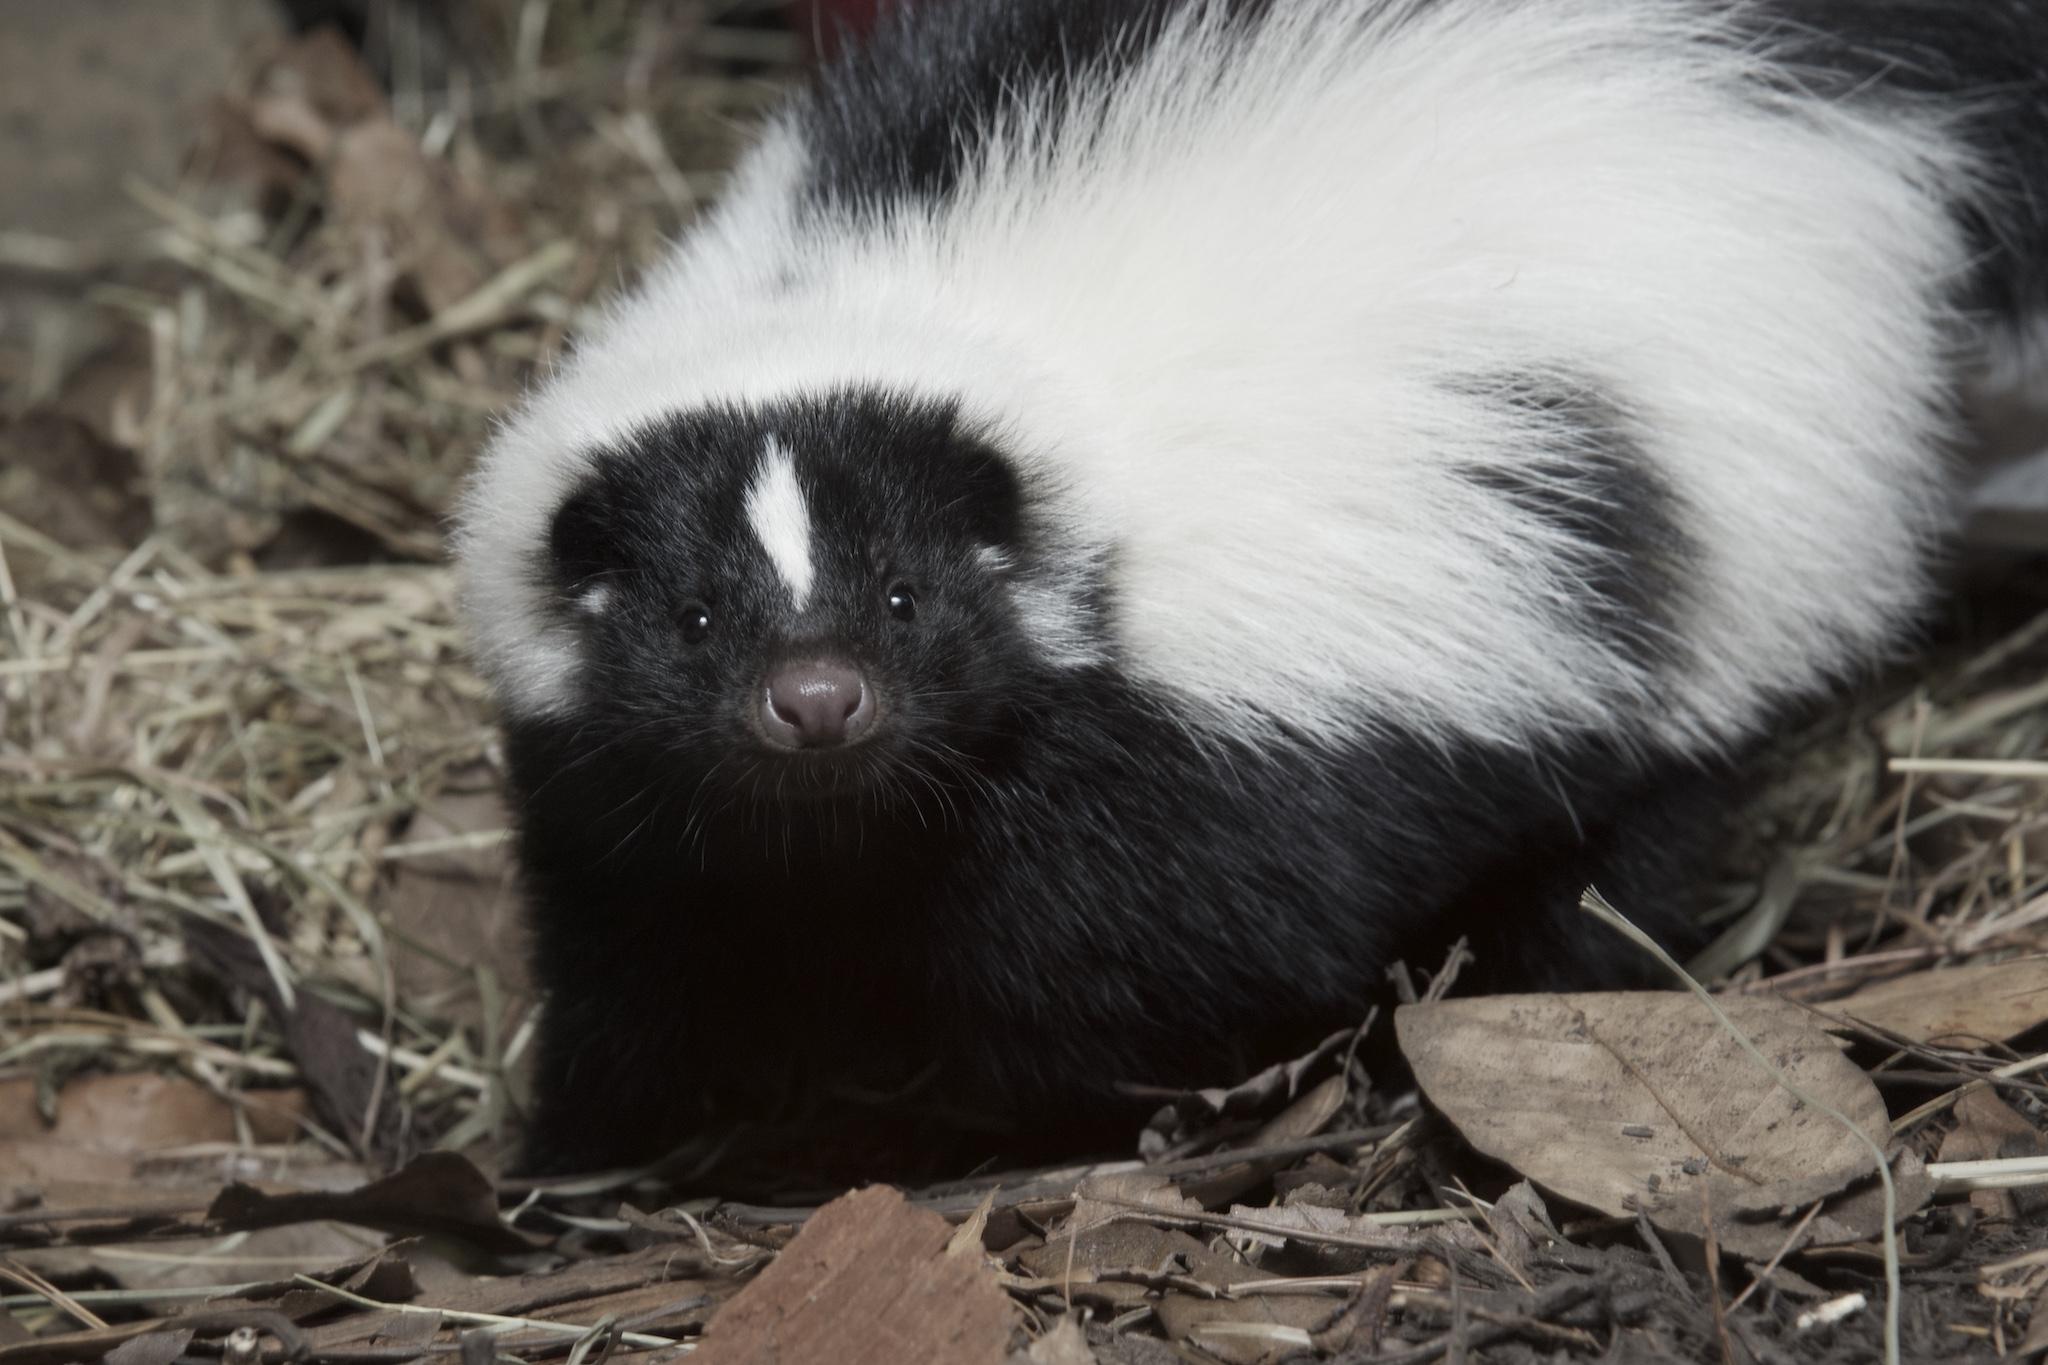 Fairfax Co. issues alert after rabid skunk, raccoon attacks